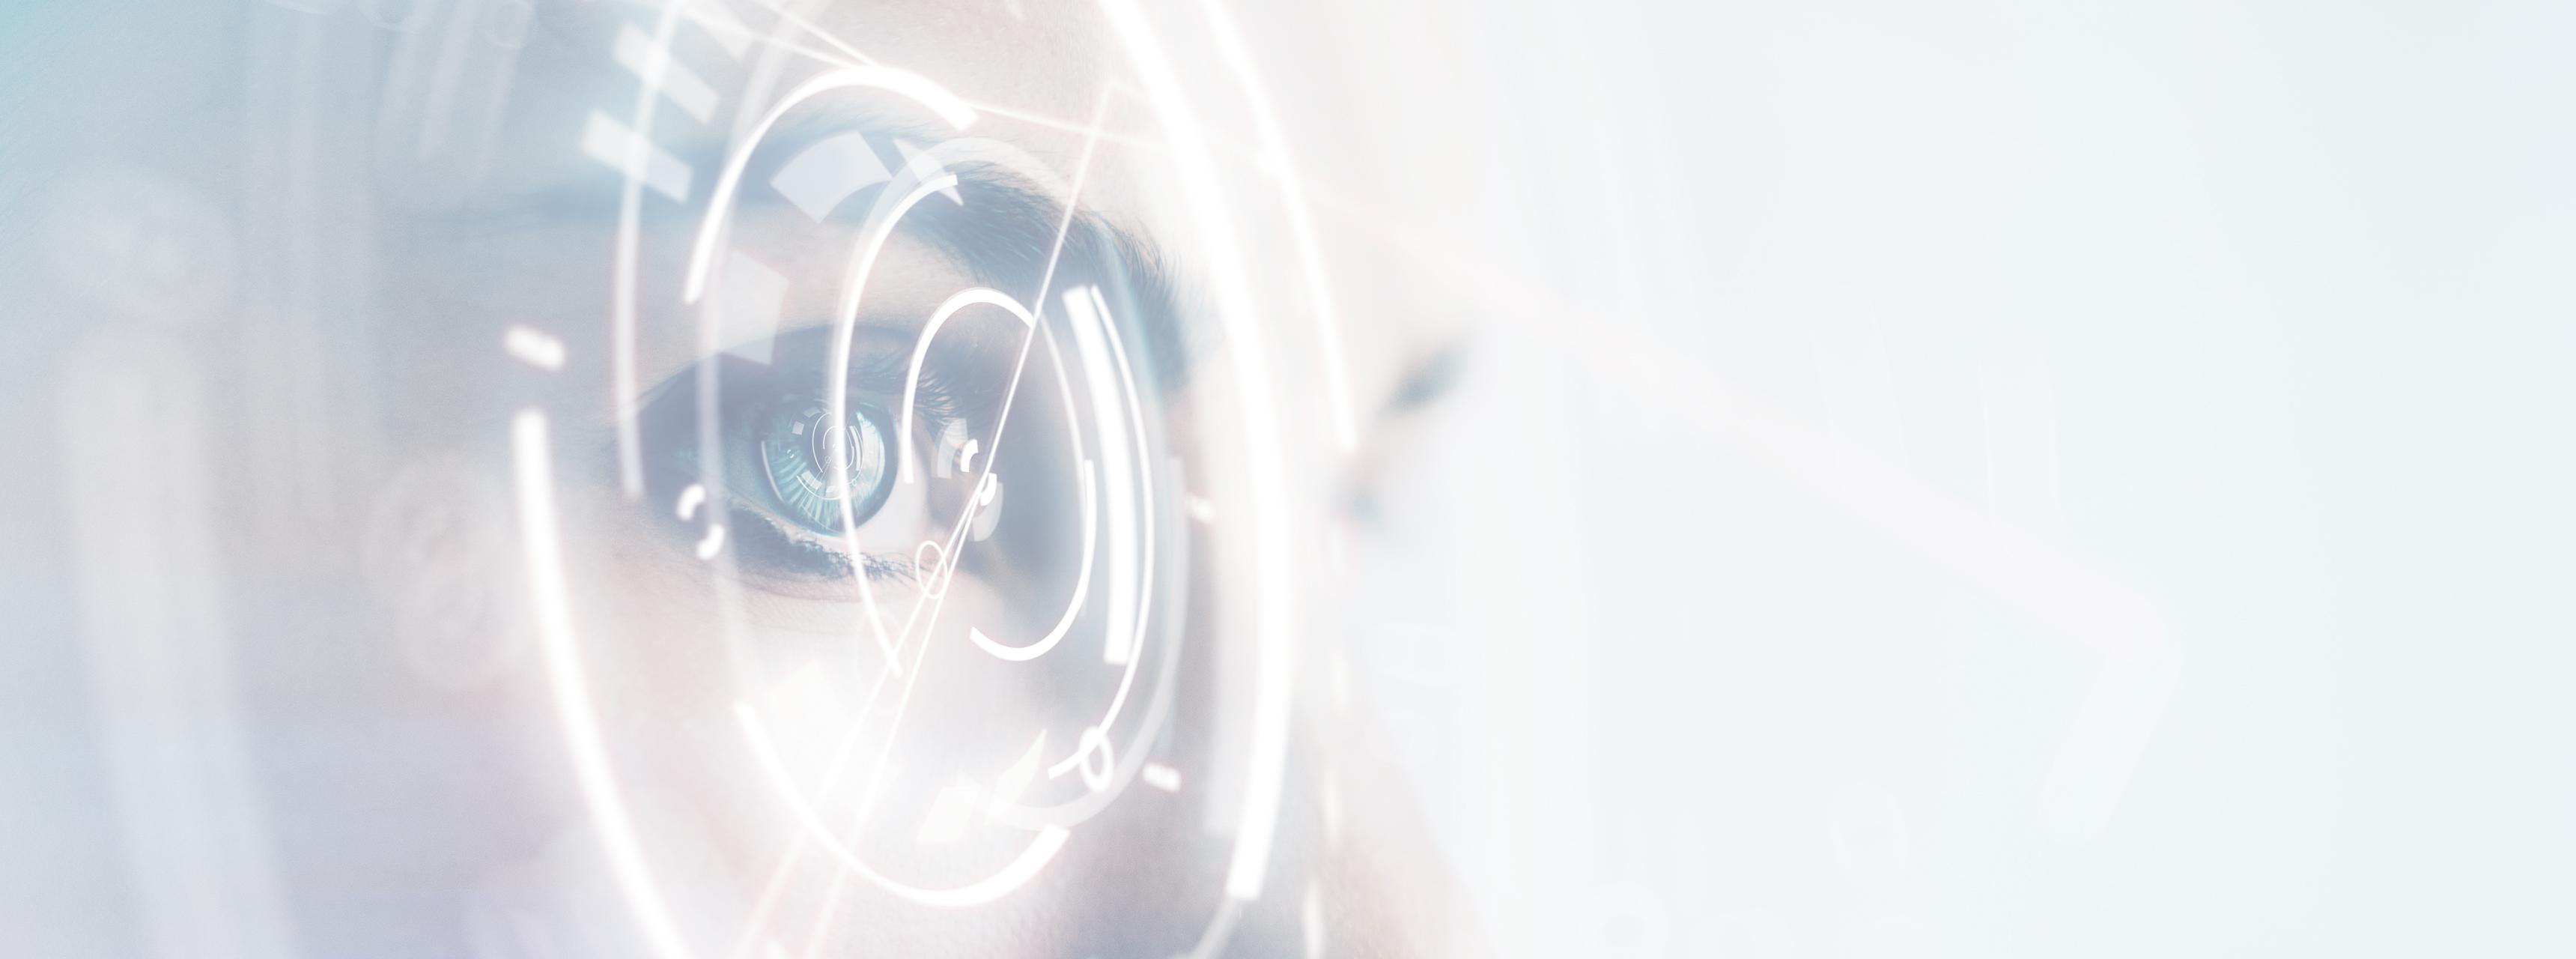 3 látás helyreállítható látásélesség egyidejű látással